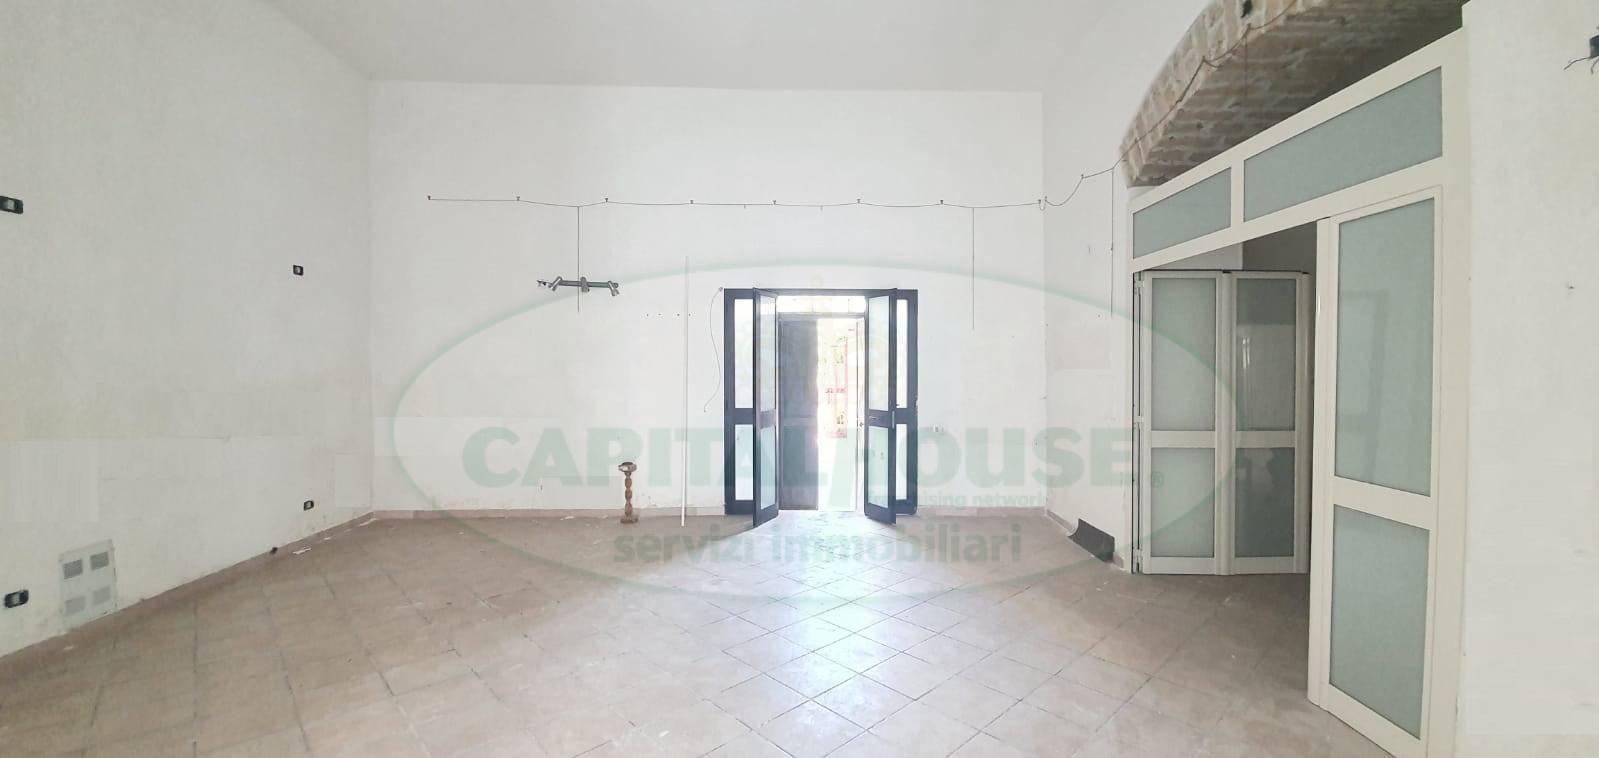 Appartamento in vendita a Caserta, 2 locali, zona Zona: Falciano, prezzo € 50.000 | CambioCasa.it